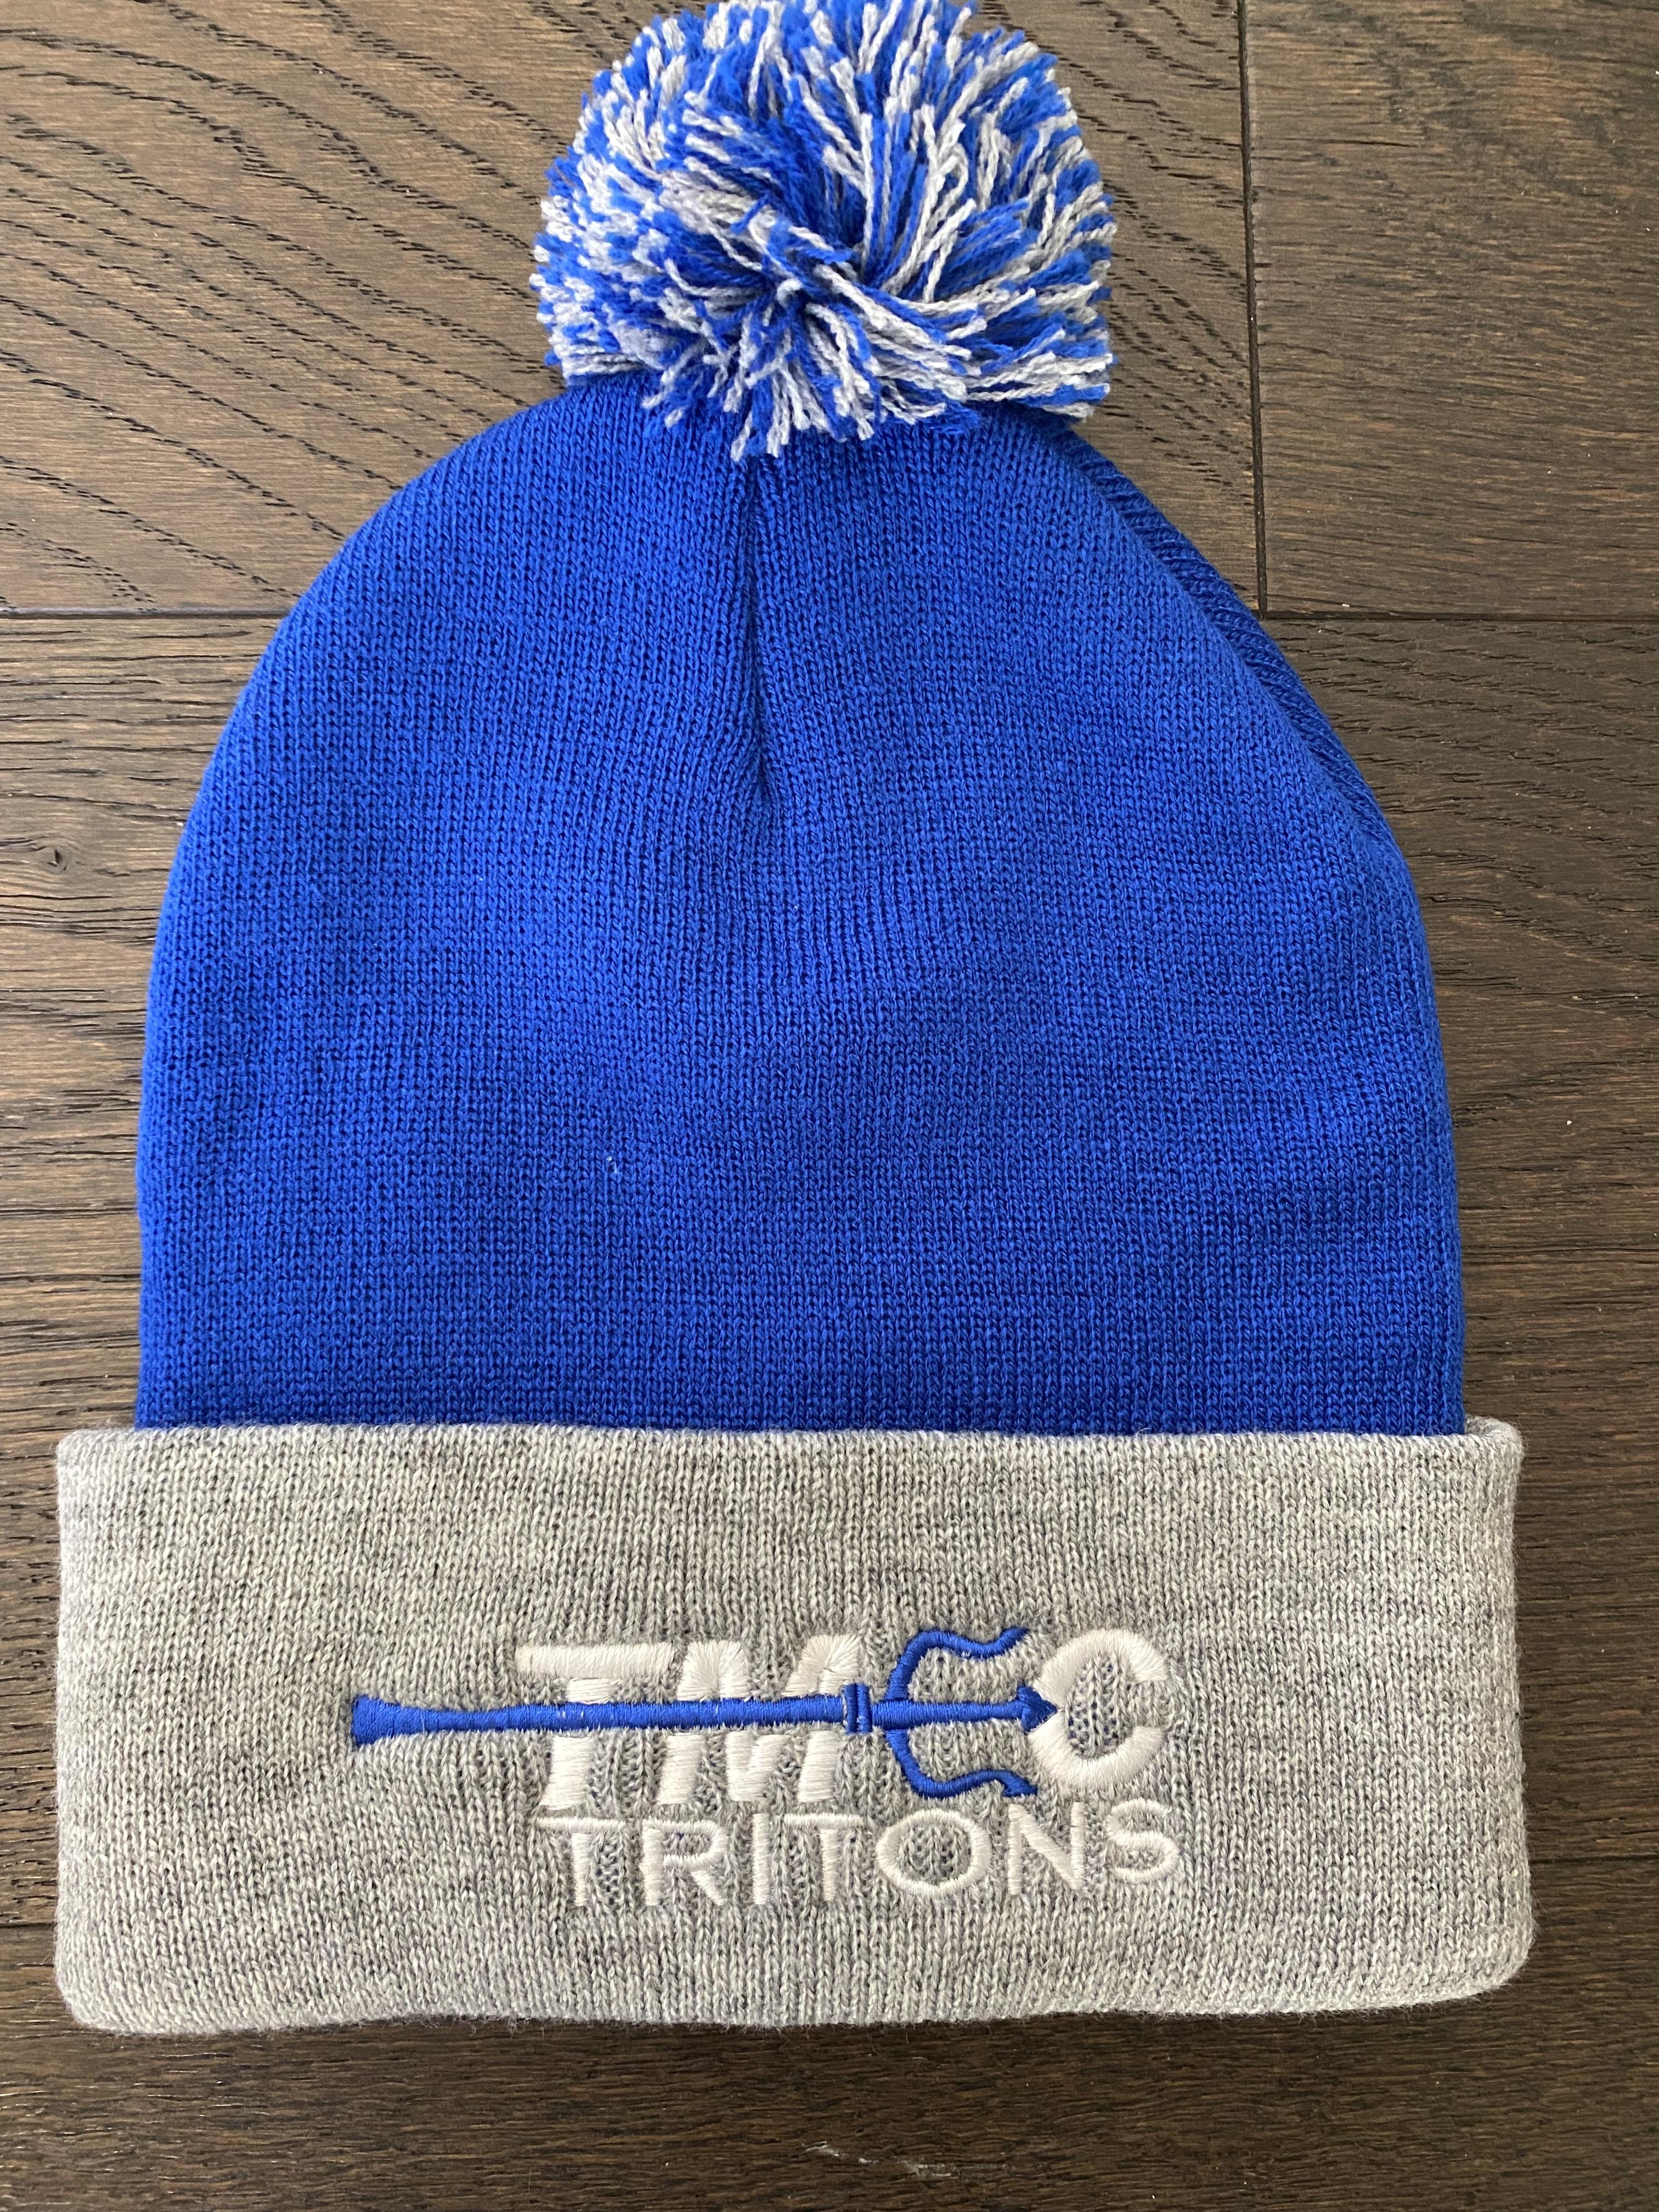 TMEC Blue & Gray beanie